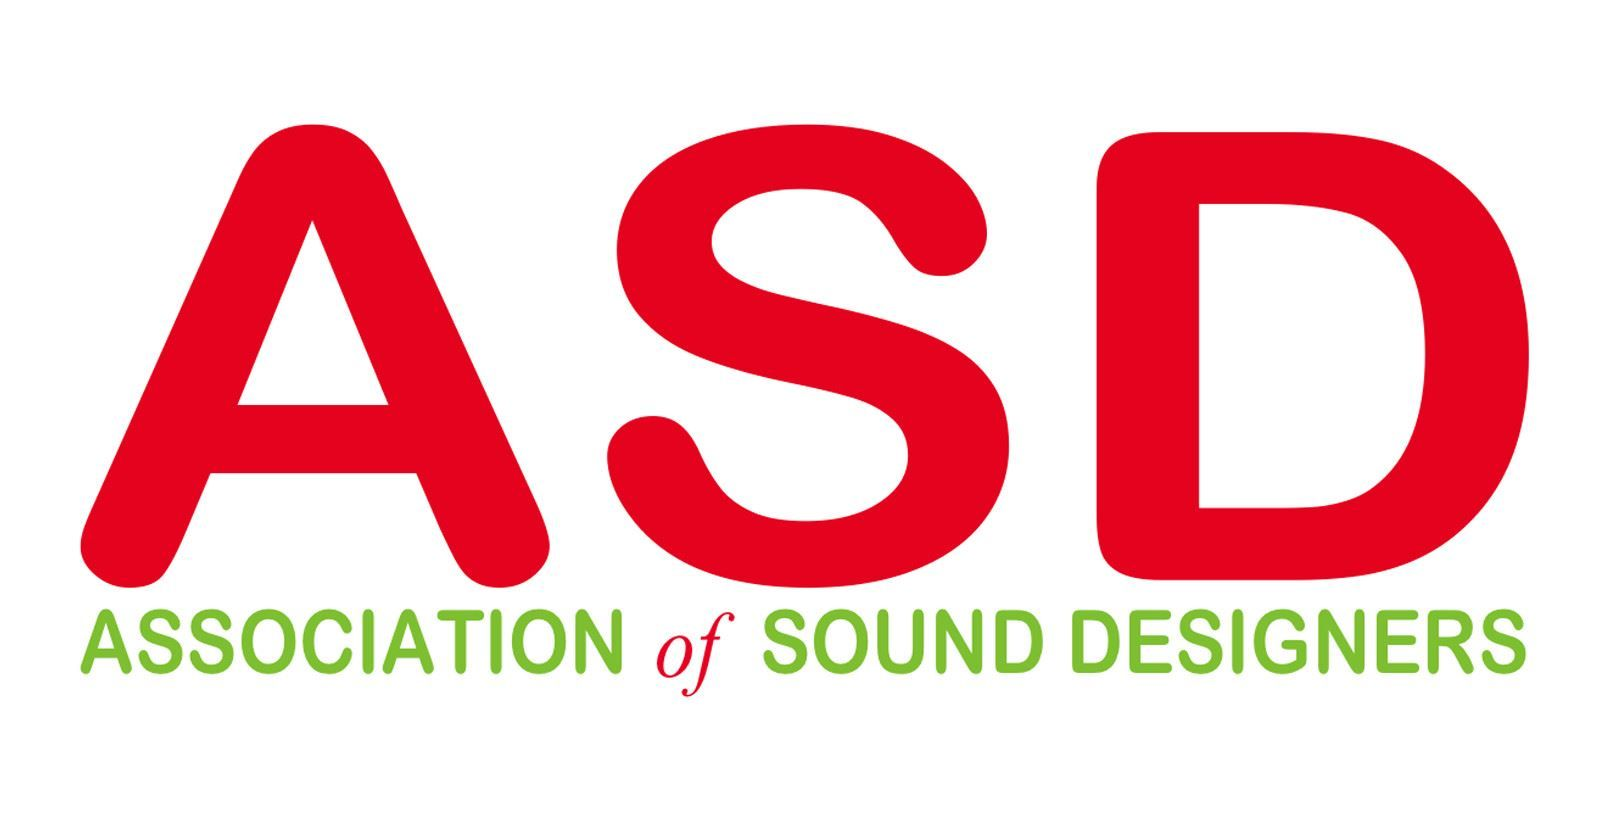 ASD: Association of Sound Designers